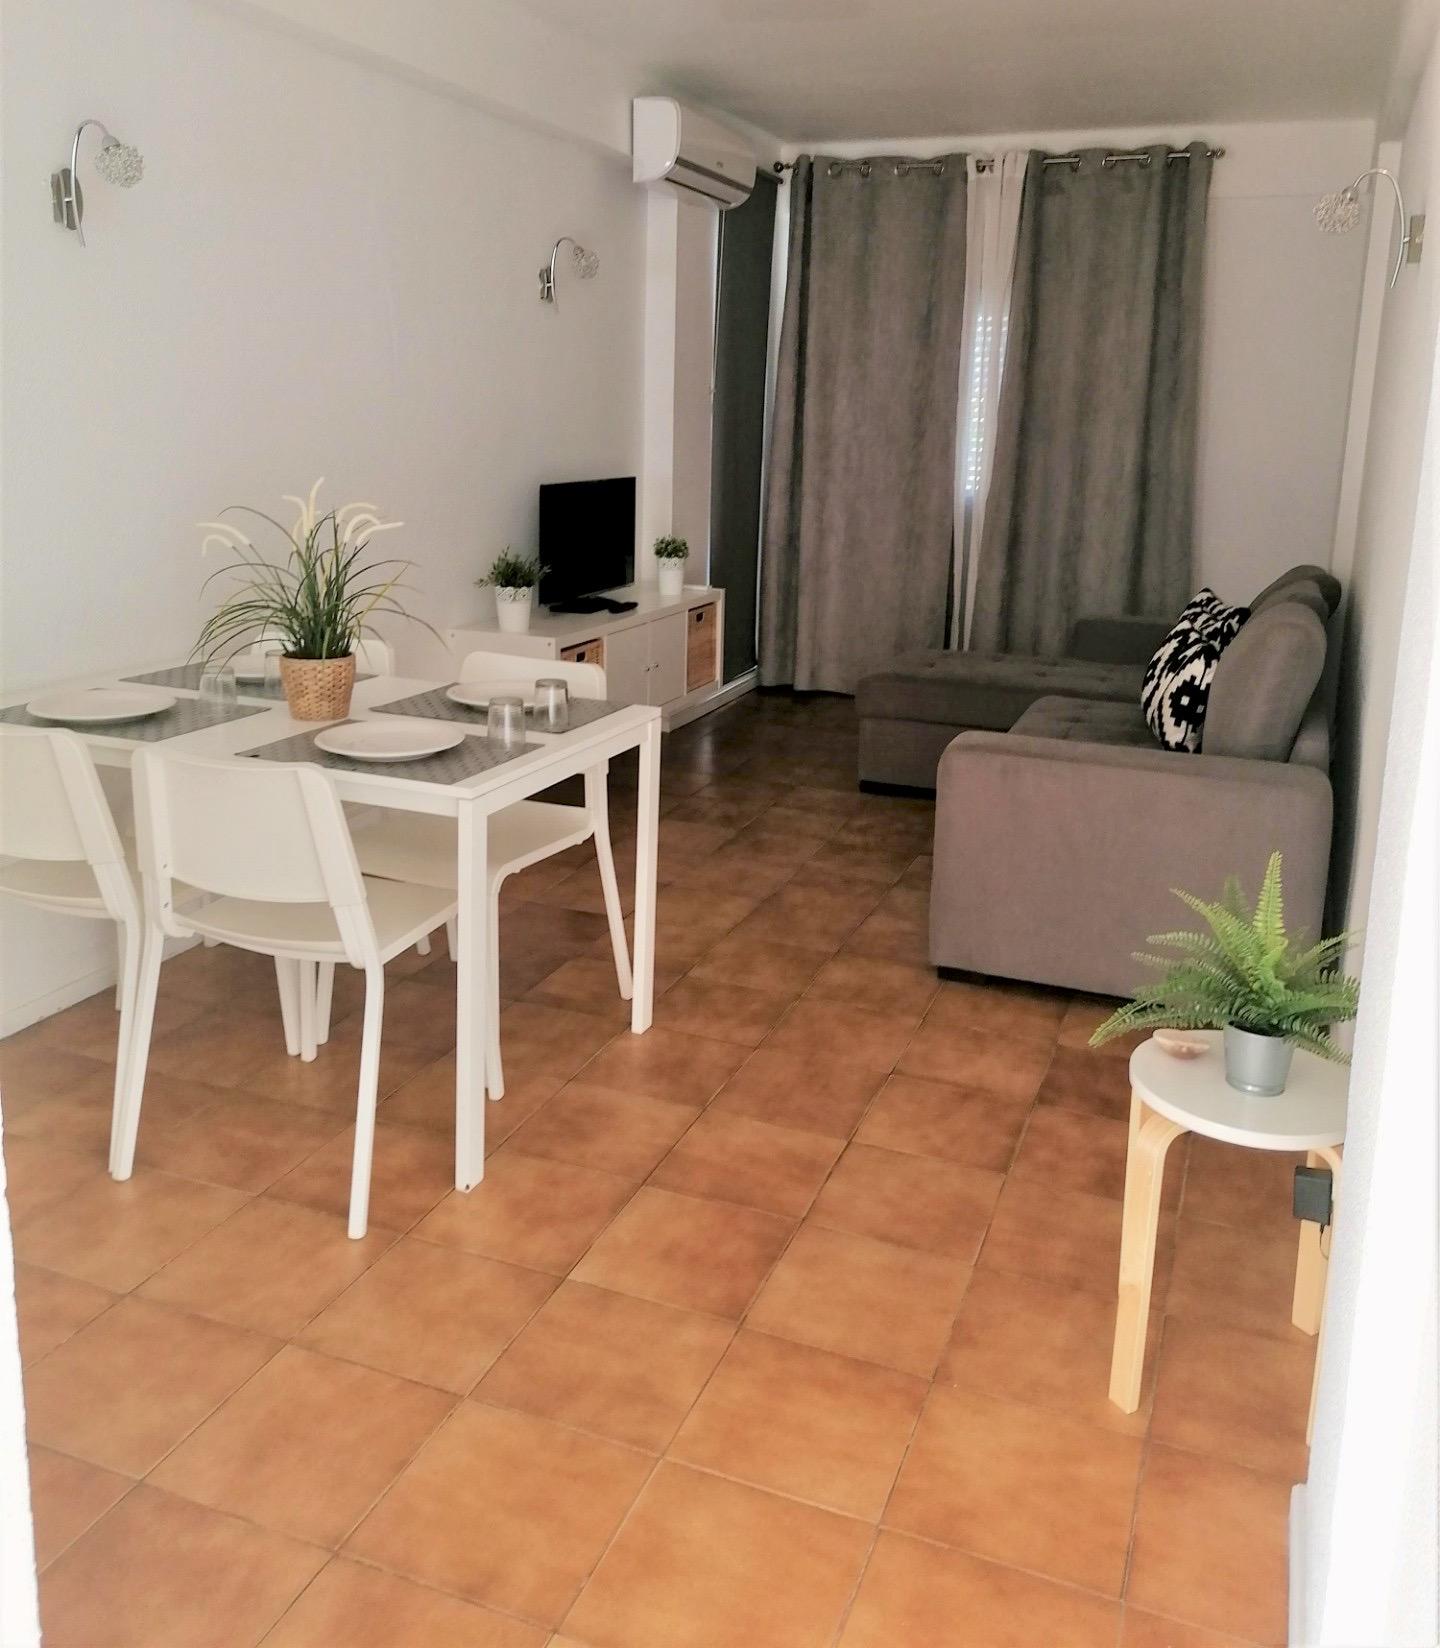 Location appartements et villas de vacance, Albufeira Bran House, Fantástico Apartamento Férias T1, a 200m a pé da praia, Baixa Antiga de Albufeira à Albufeira, Portugal Algarve, REF_IMG_15967_15972